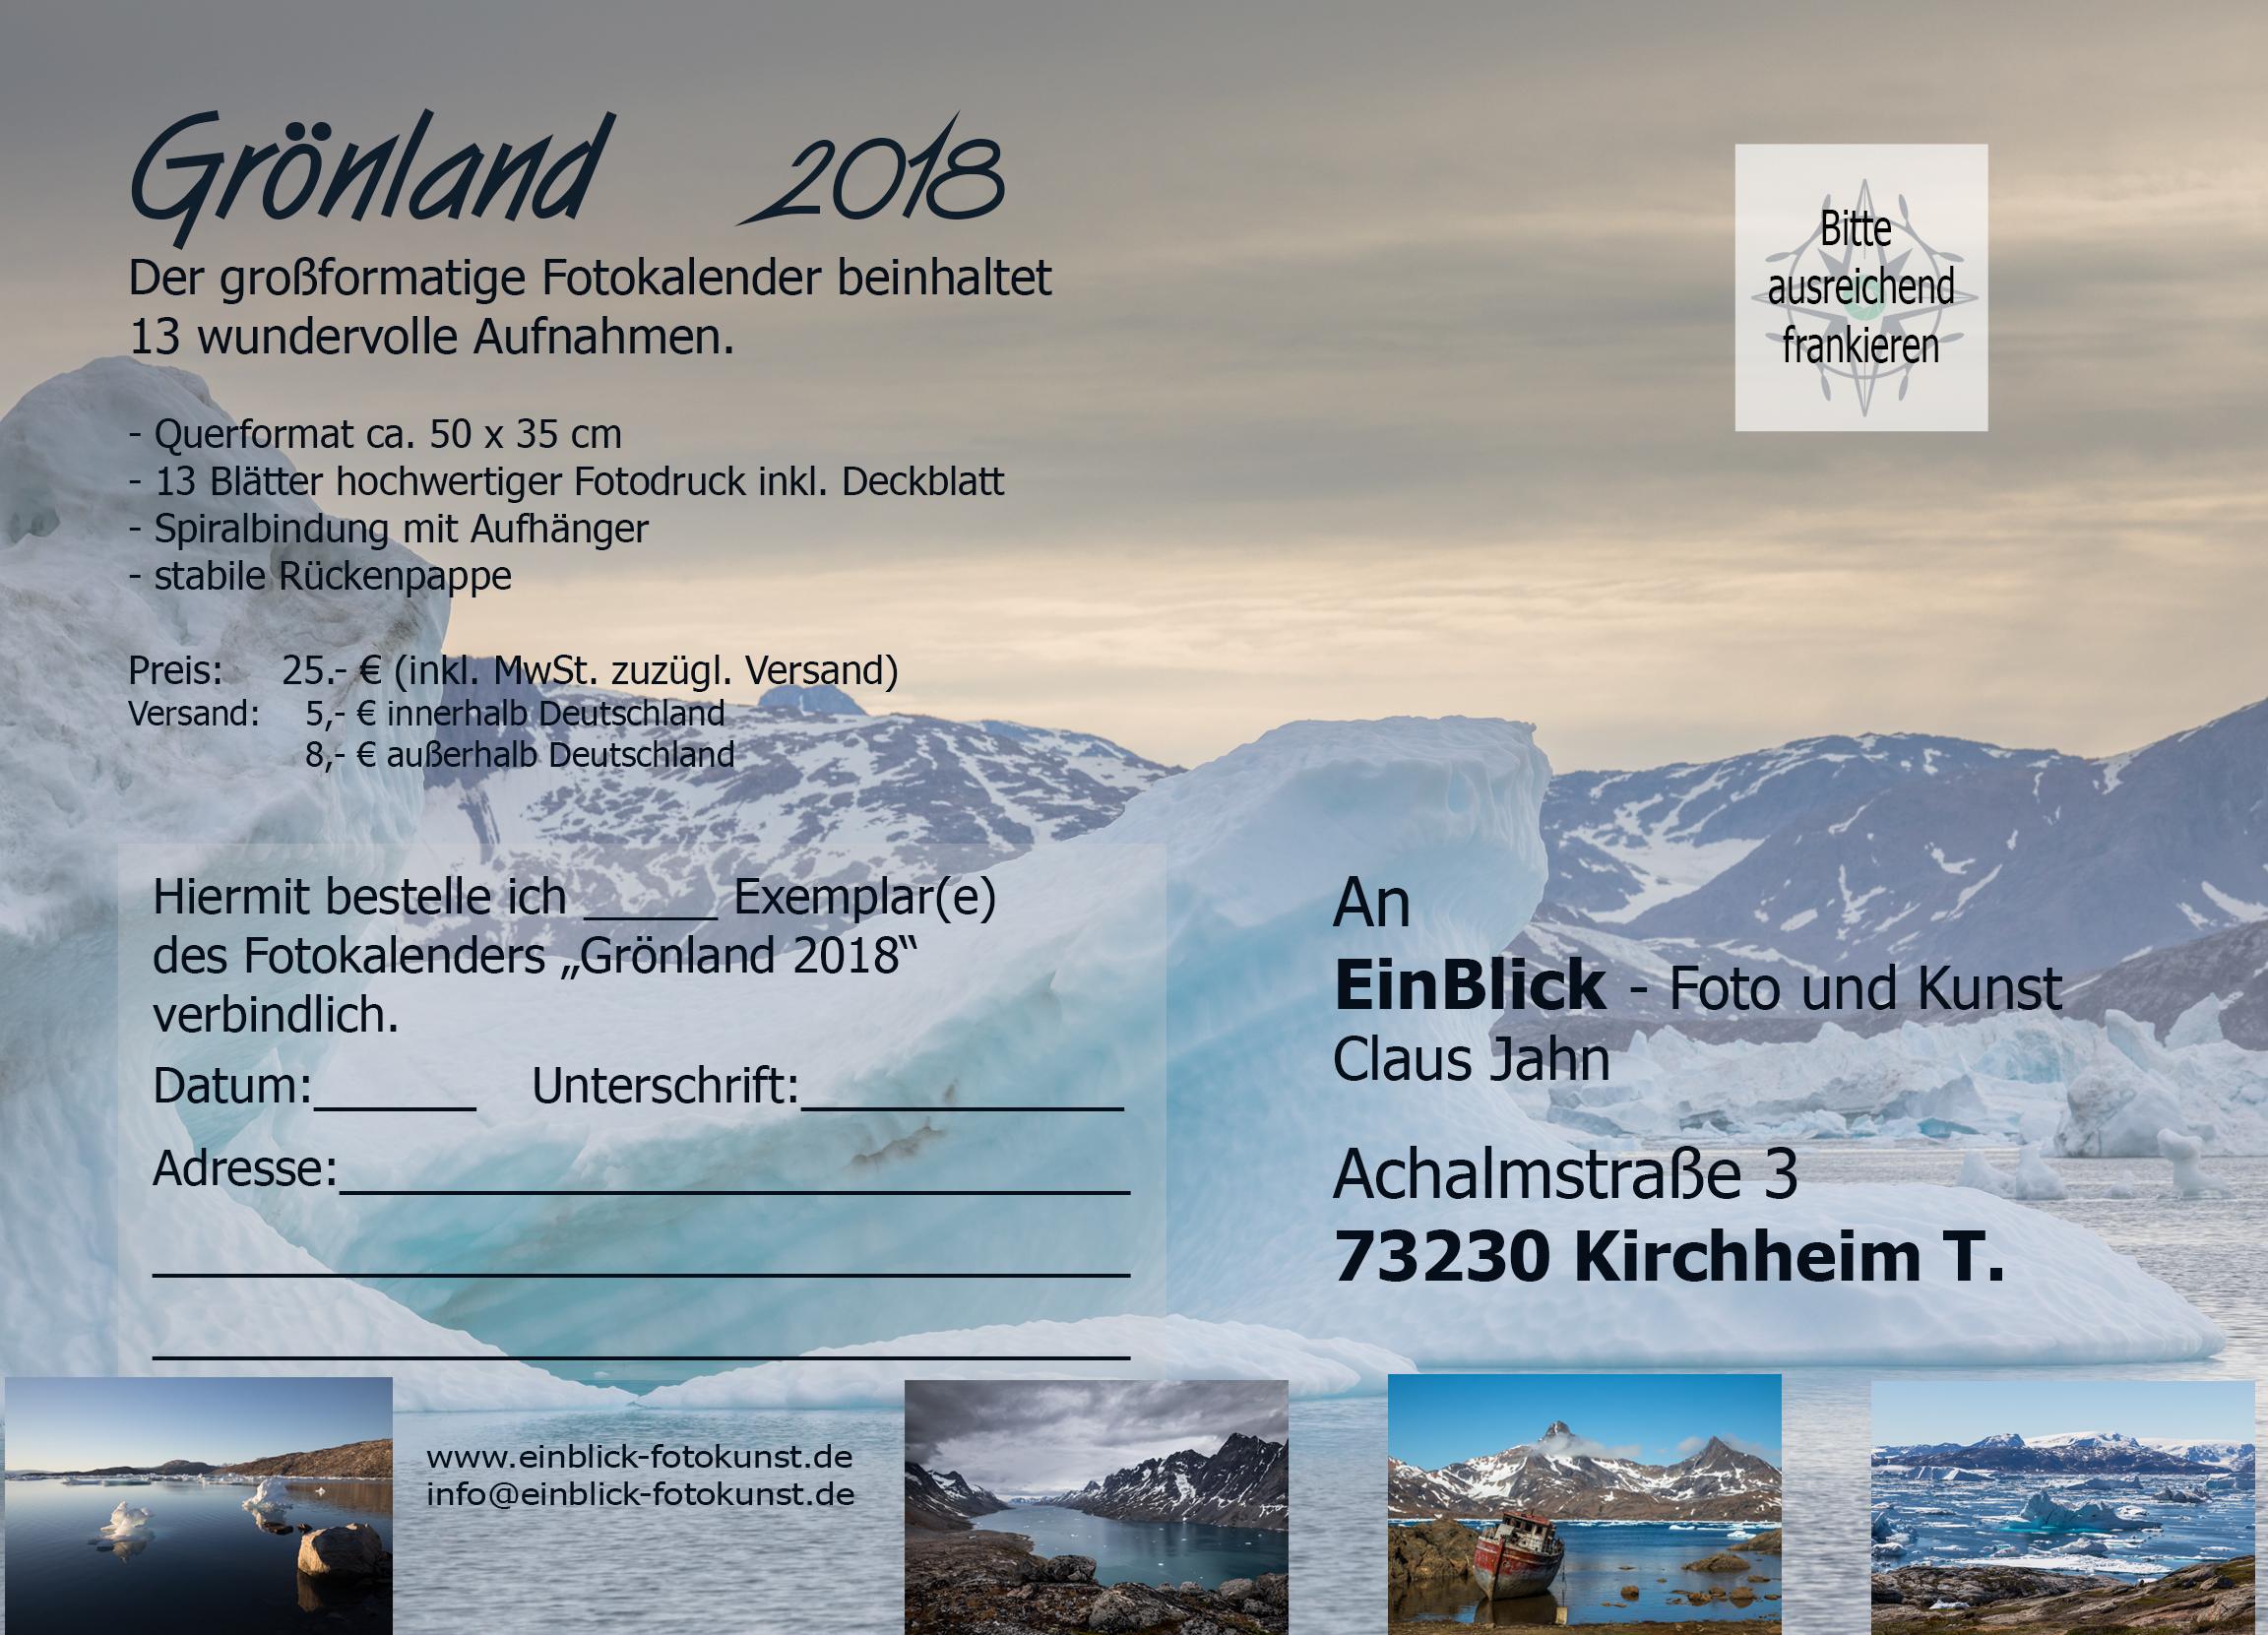 002_Grönland